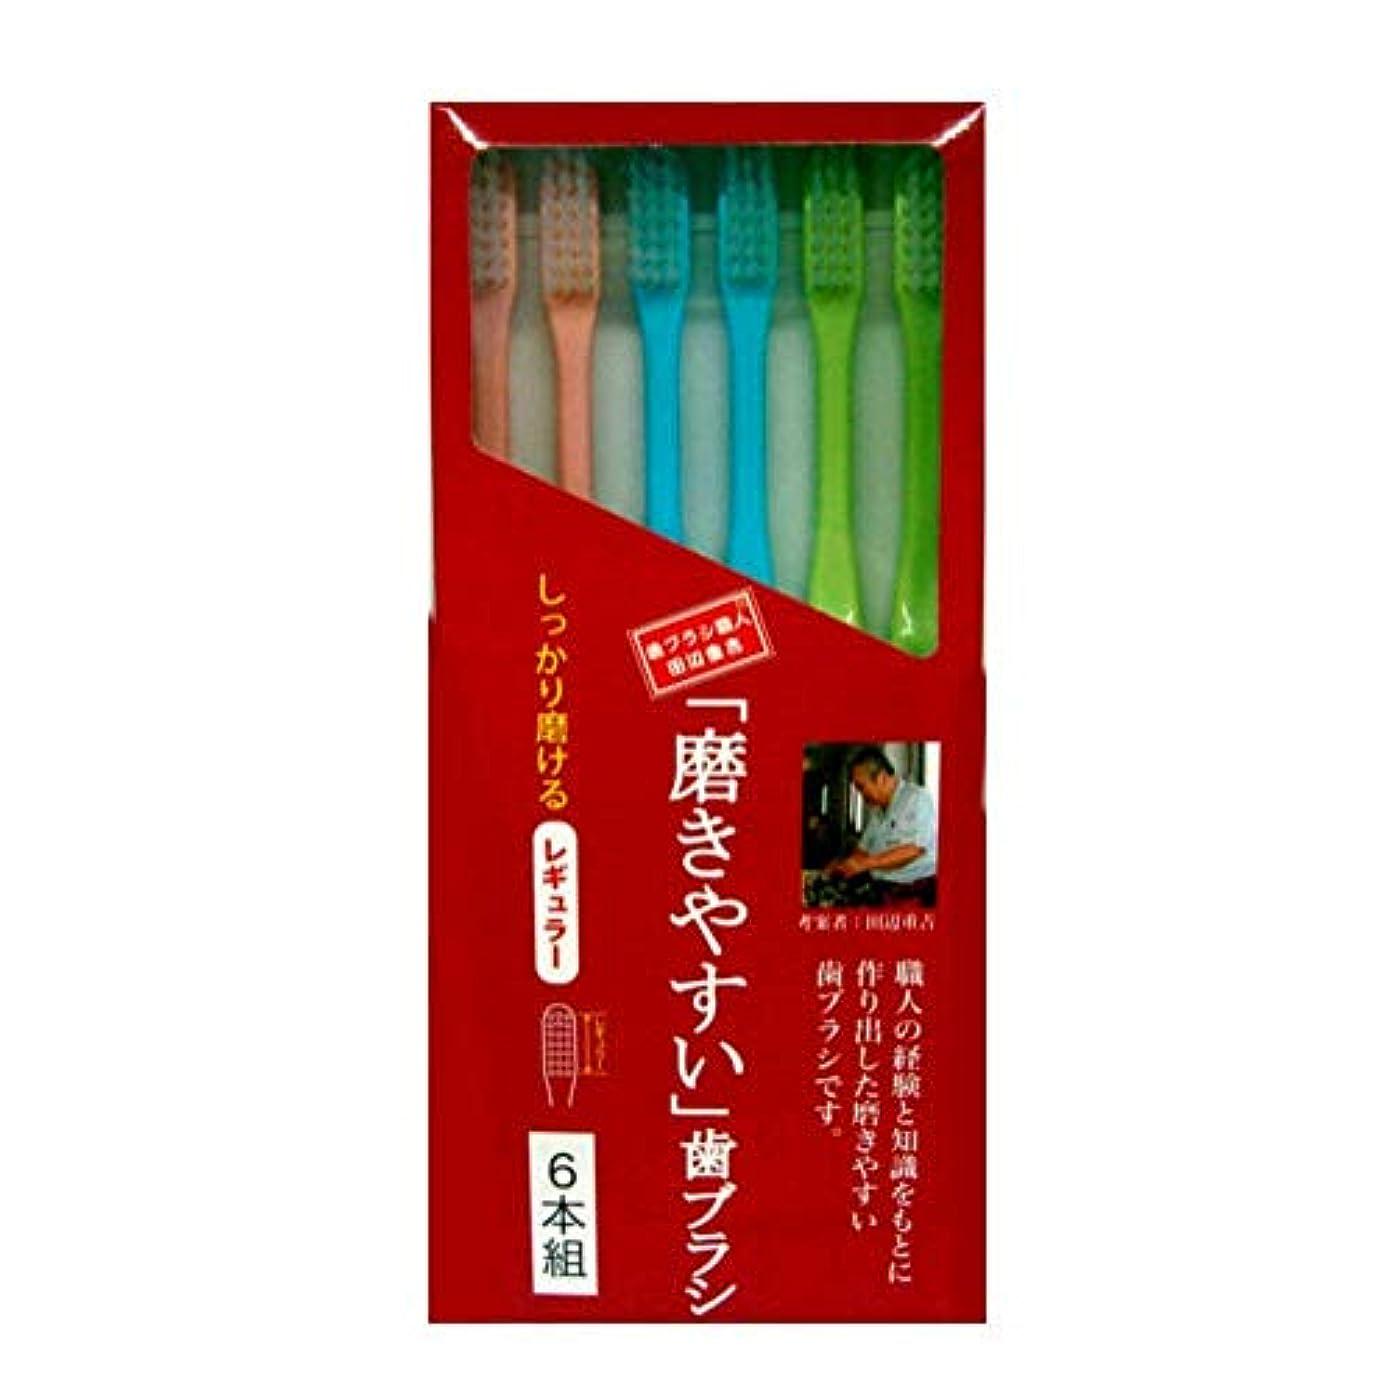 独占報酬の特権磨きやすい歯ブラシ レギュラータイプ 6本組